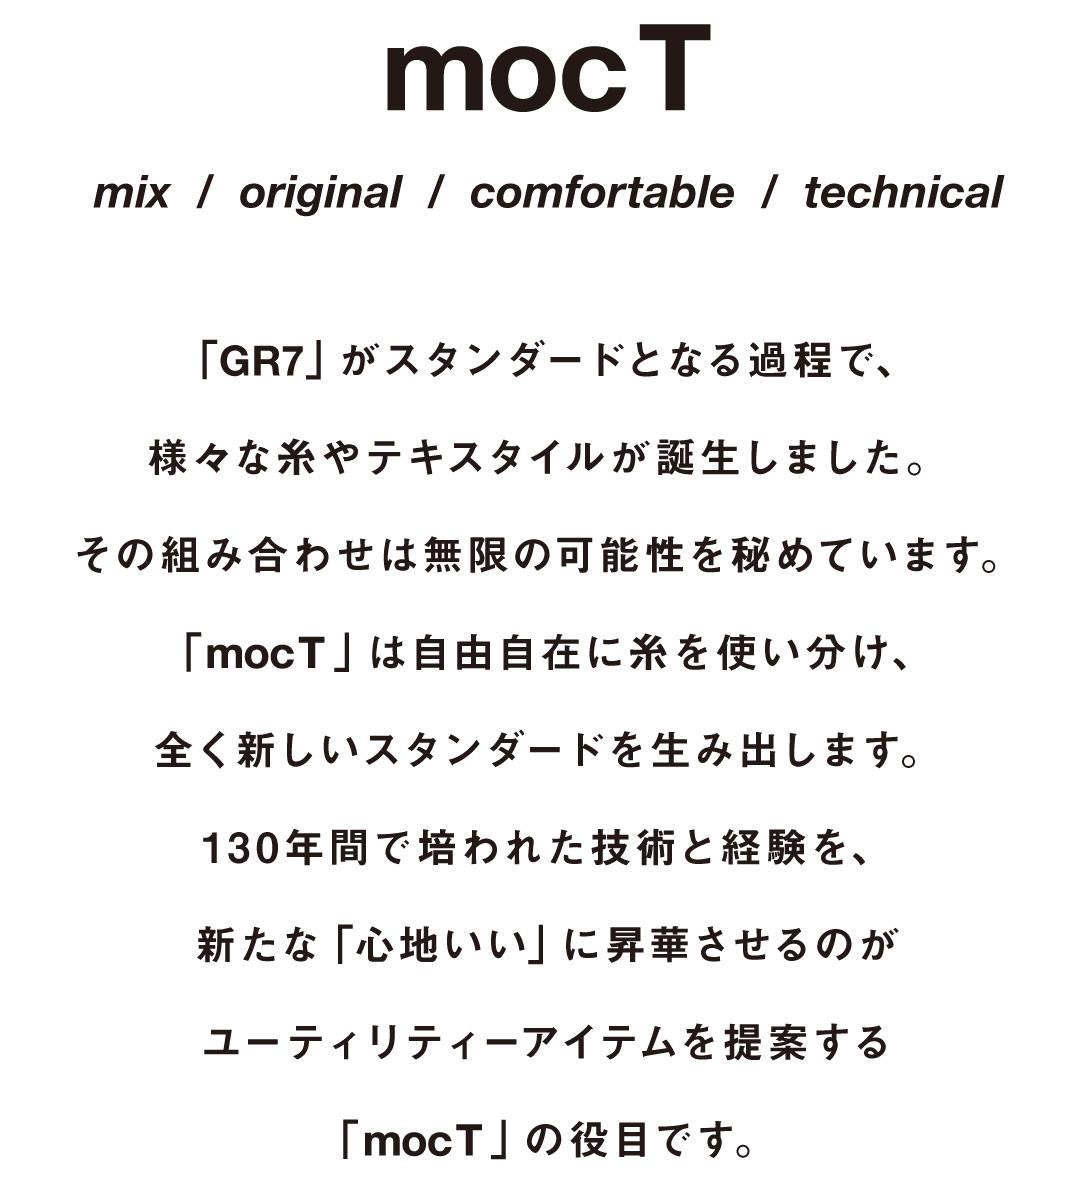 MocT_logo.jpg